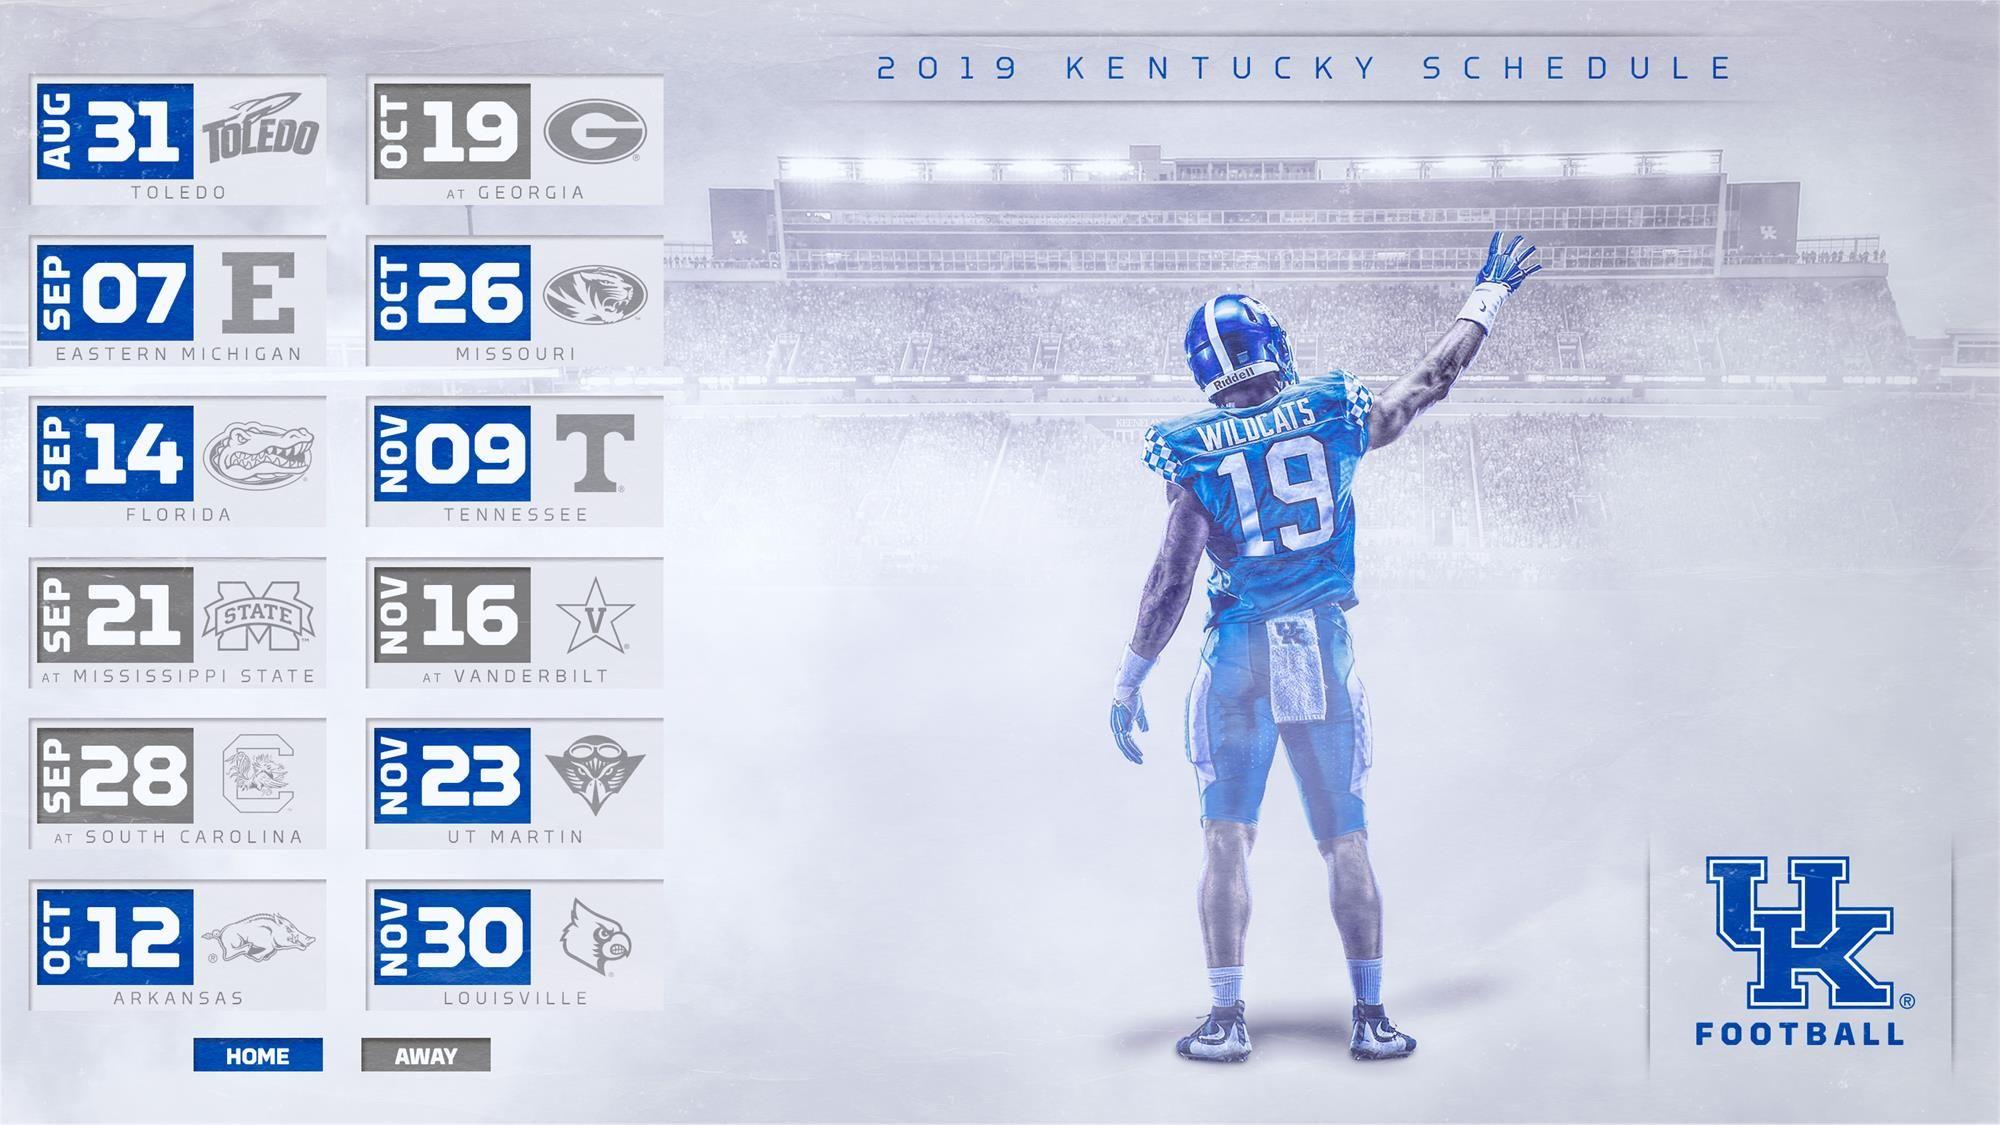 Kentucky Set For Home Heavy 2019 Football Schedule Kentucky